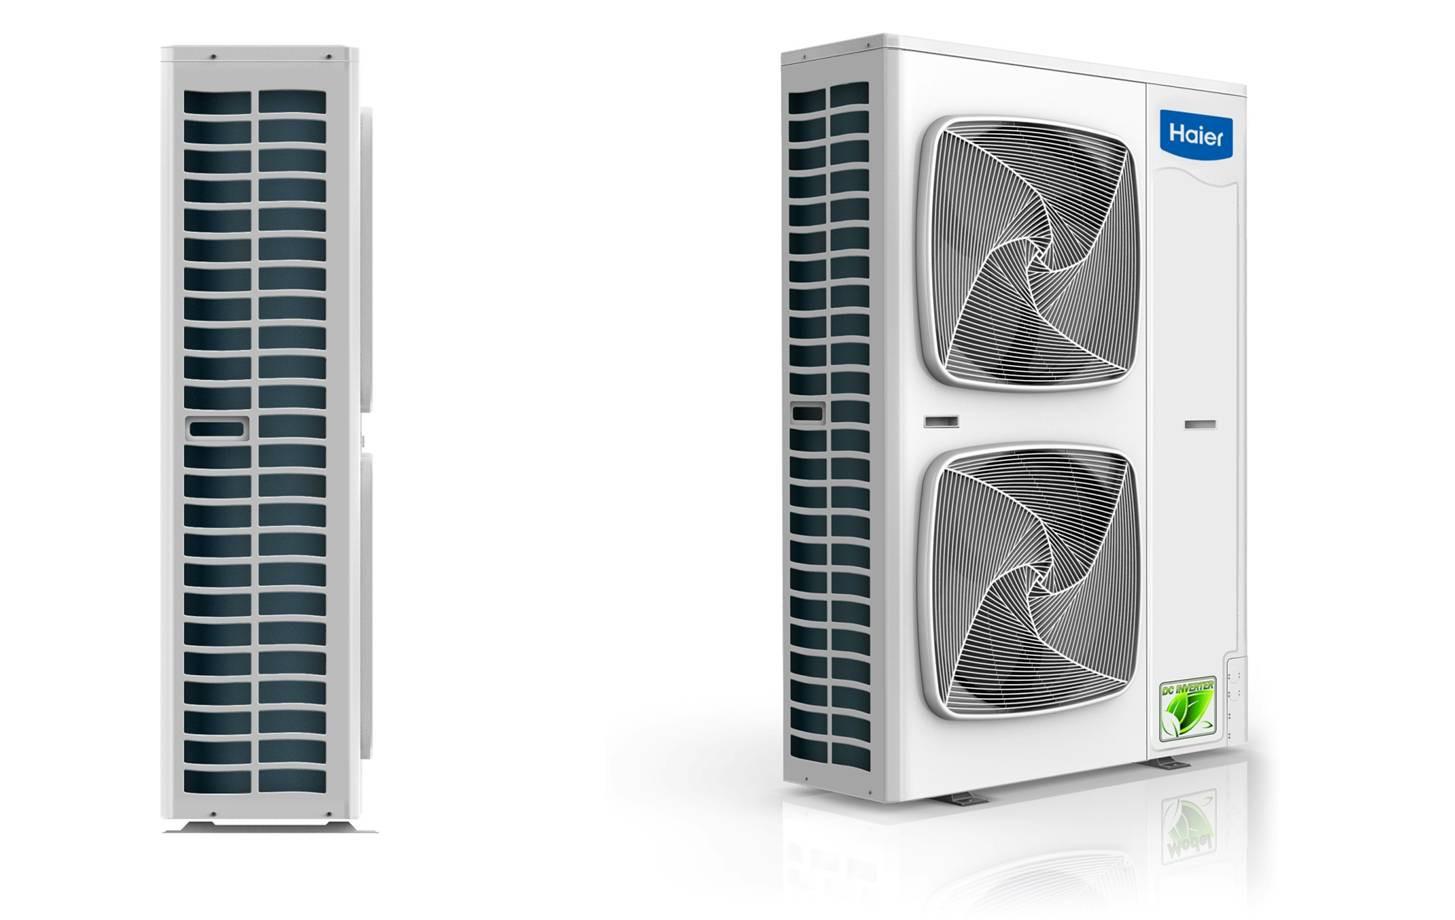 中央空调开一个房间跟开几个的耗电量—中央空调开一个房间跟开几个耗电量一样吗